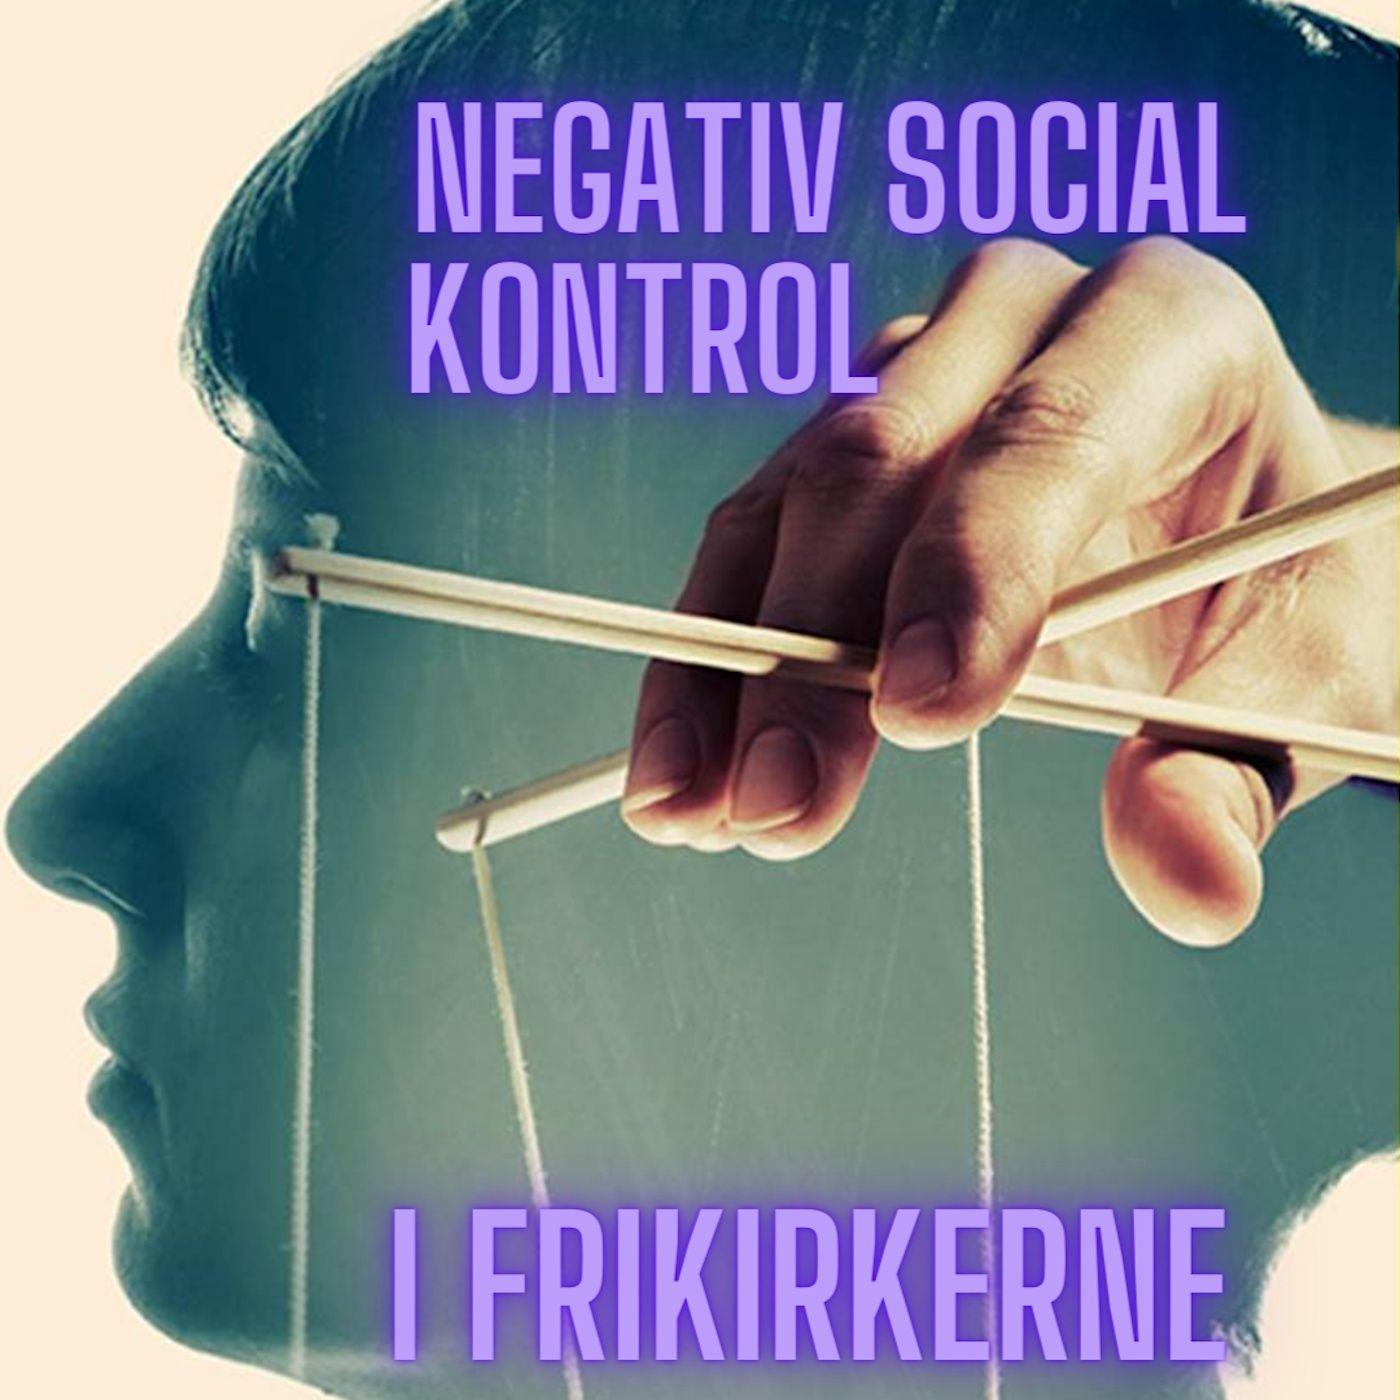 #118 Frikirkerne vil tage negativ social kontrol alvorligt.